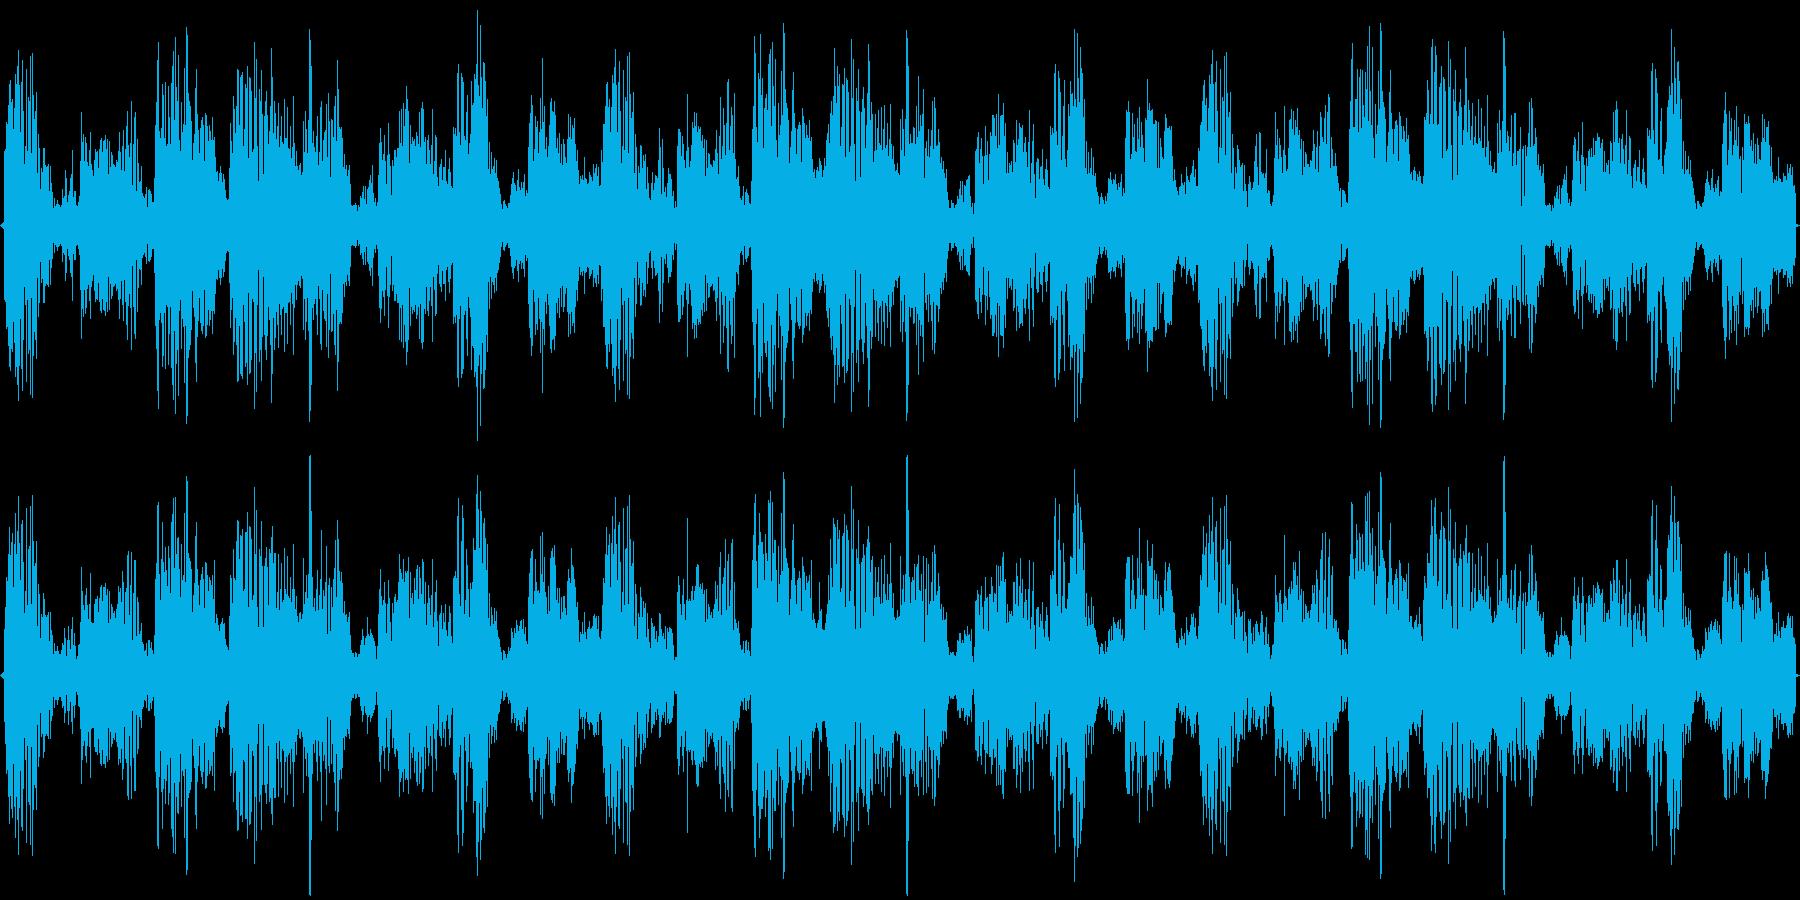 ダンスナンバーのハウストラックの再生済みの波形